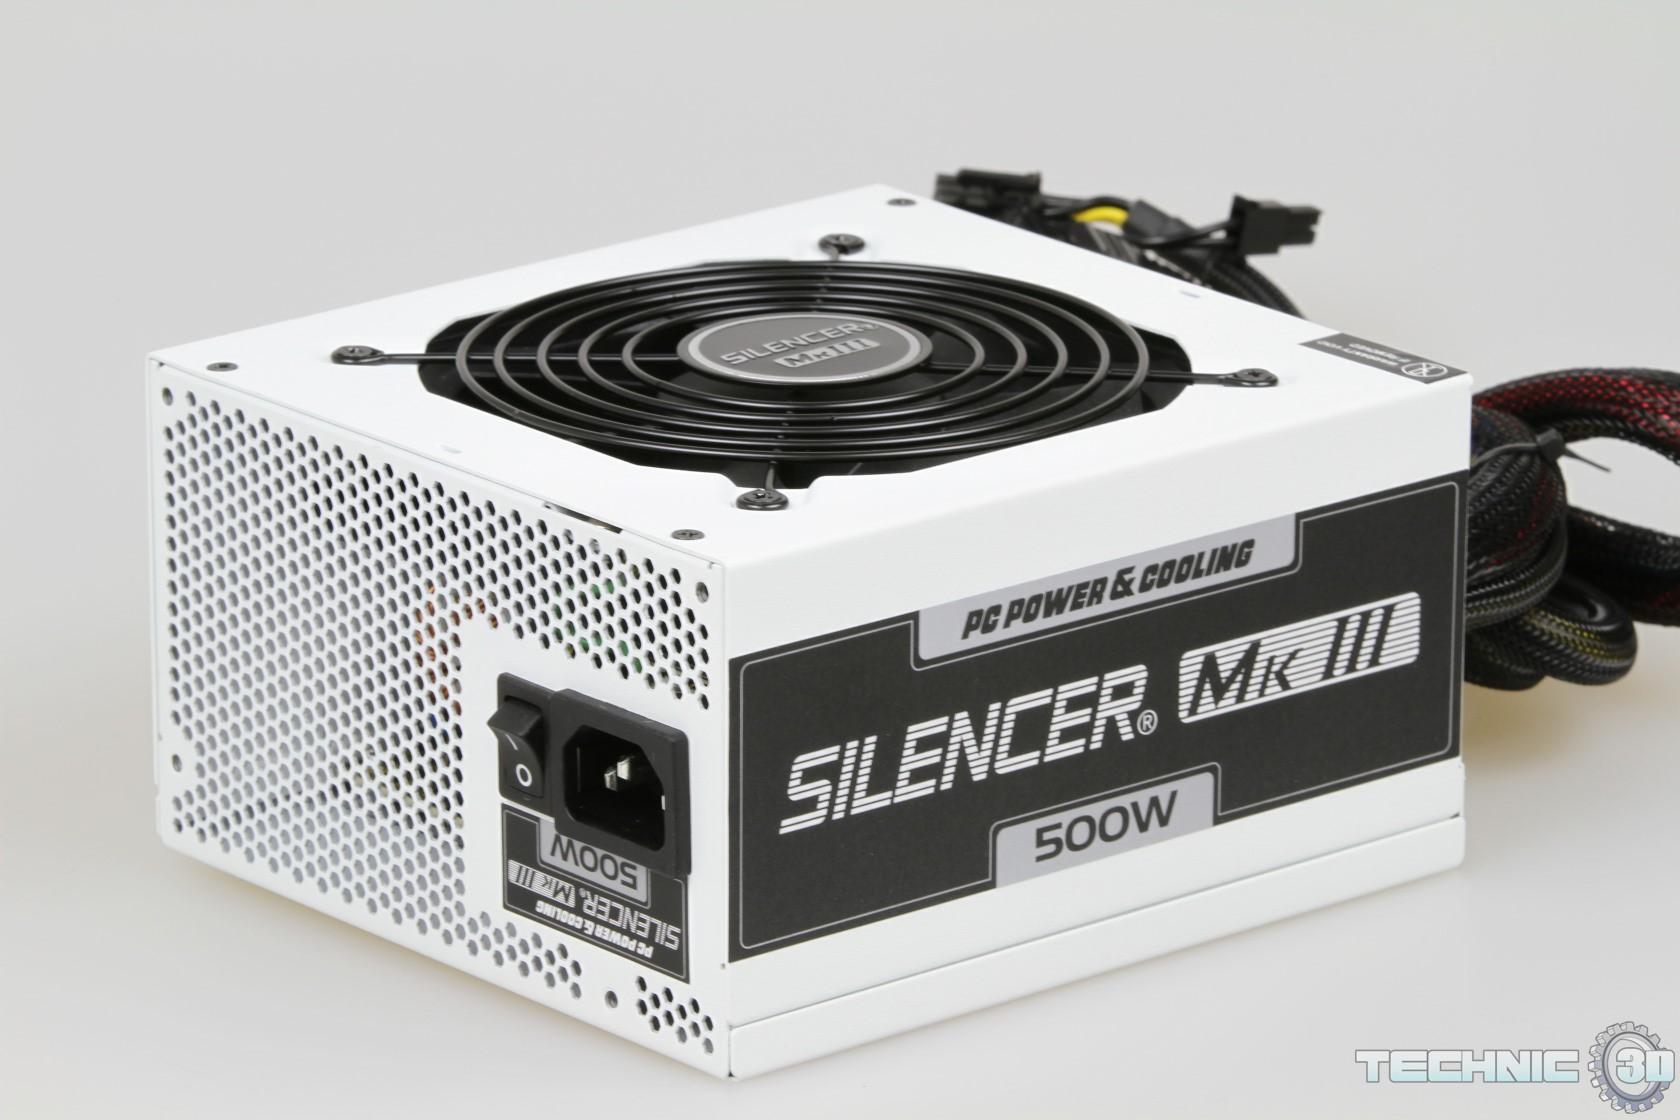 pc power cooling silencer mk iii 500 watt netzteil im test review technic3d. Black Bedroom Furniture Sets. Home Design Ideas